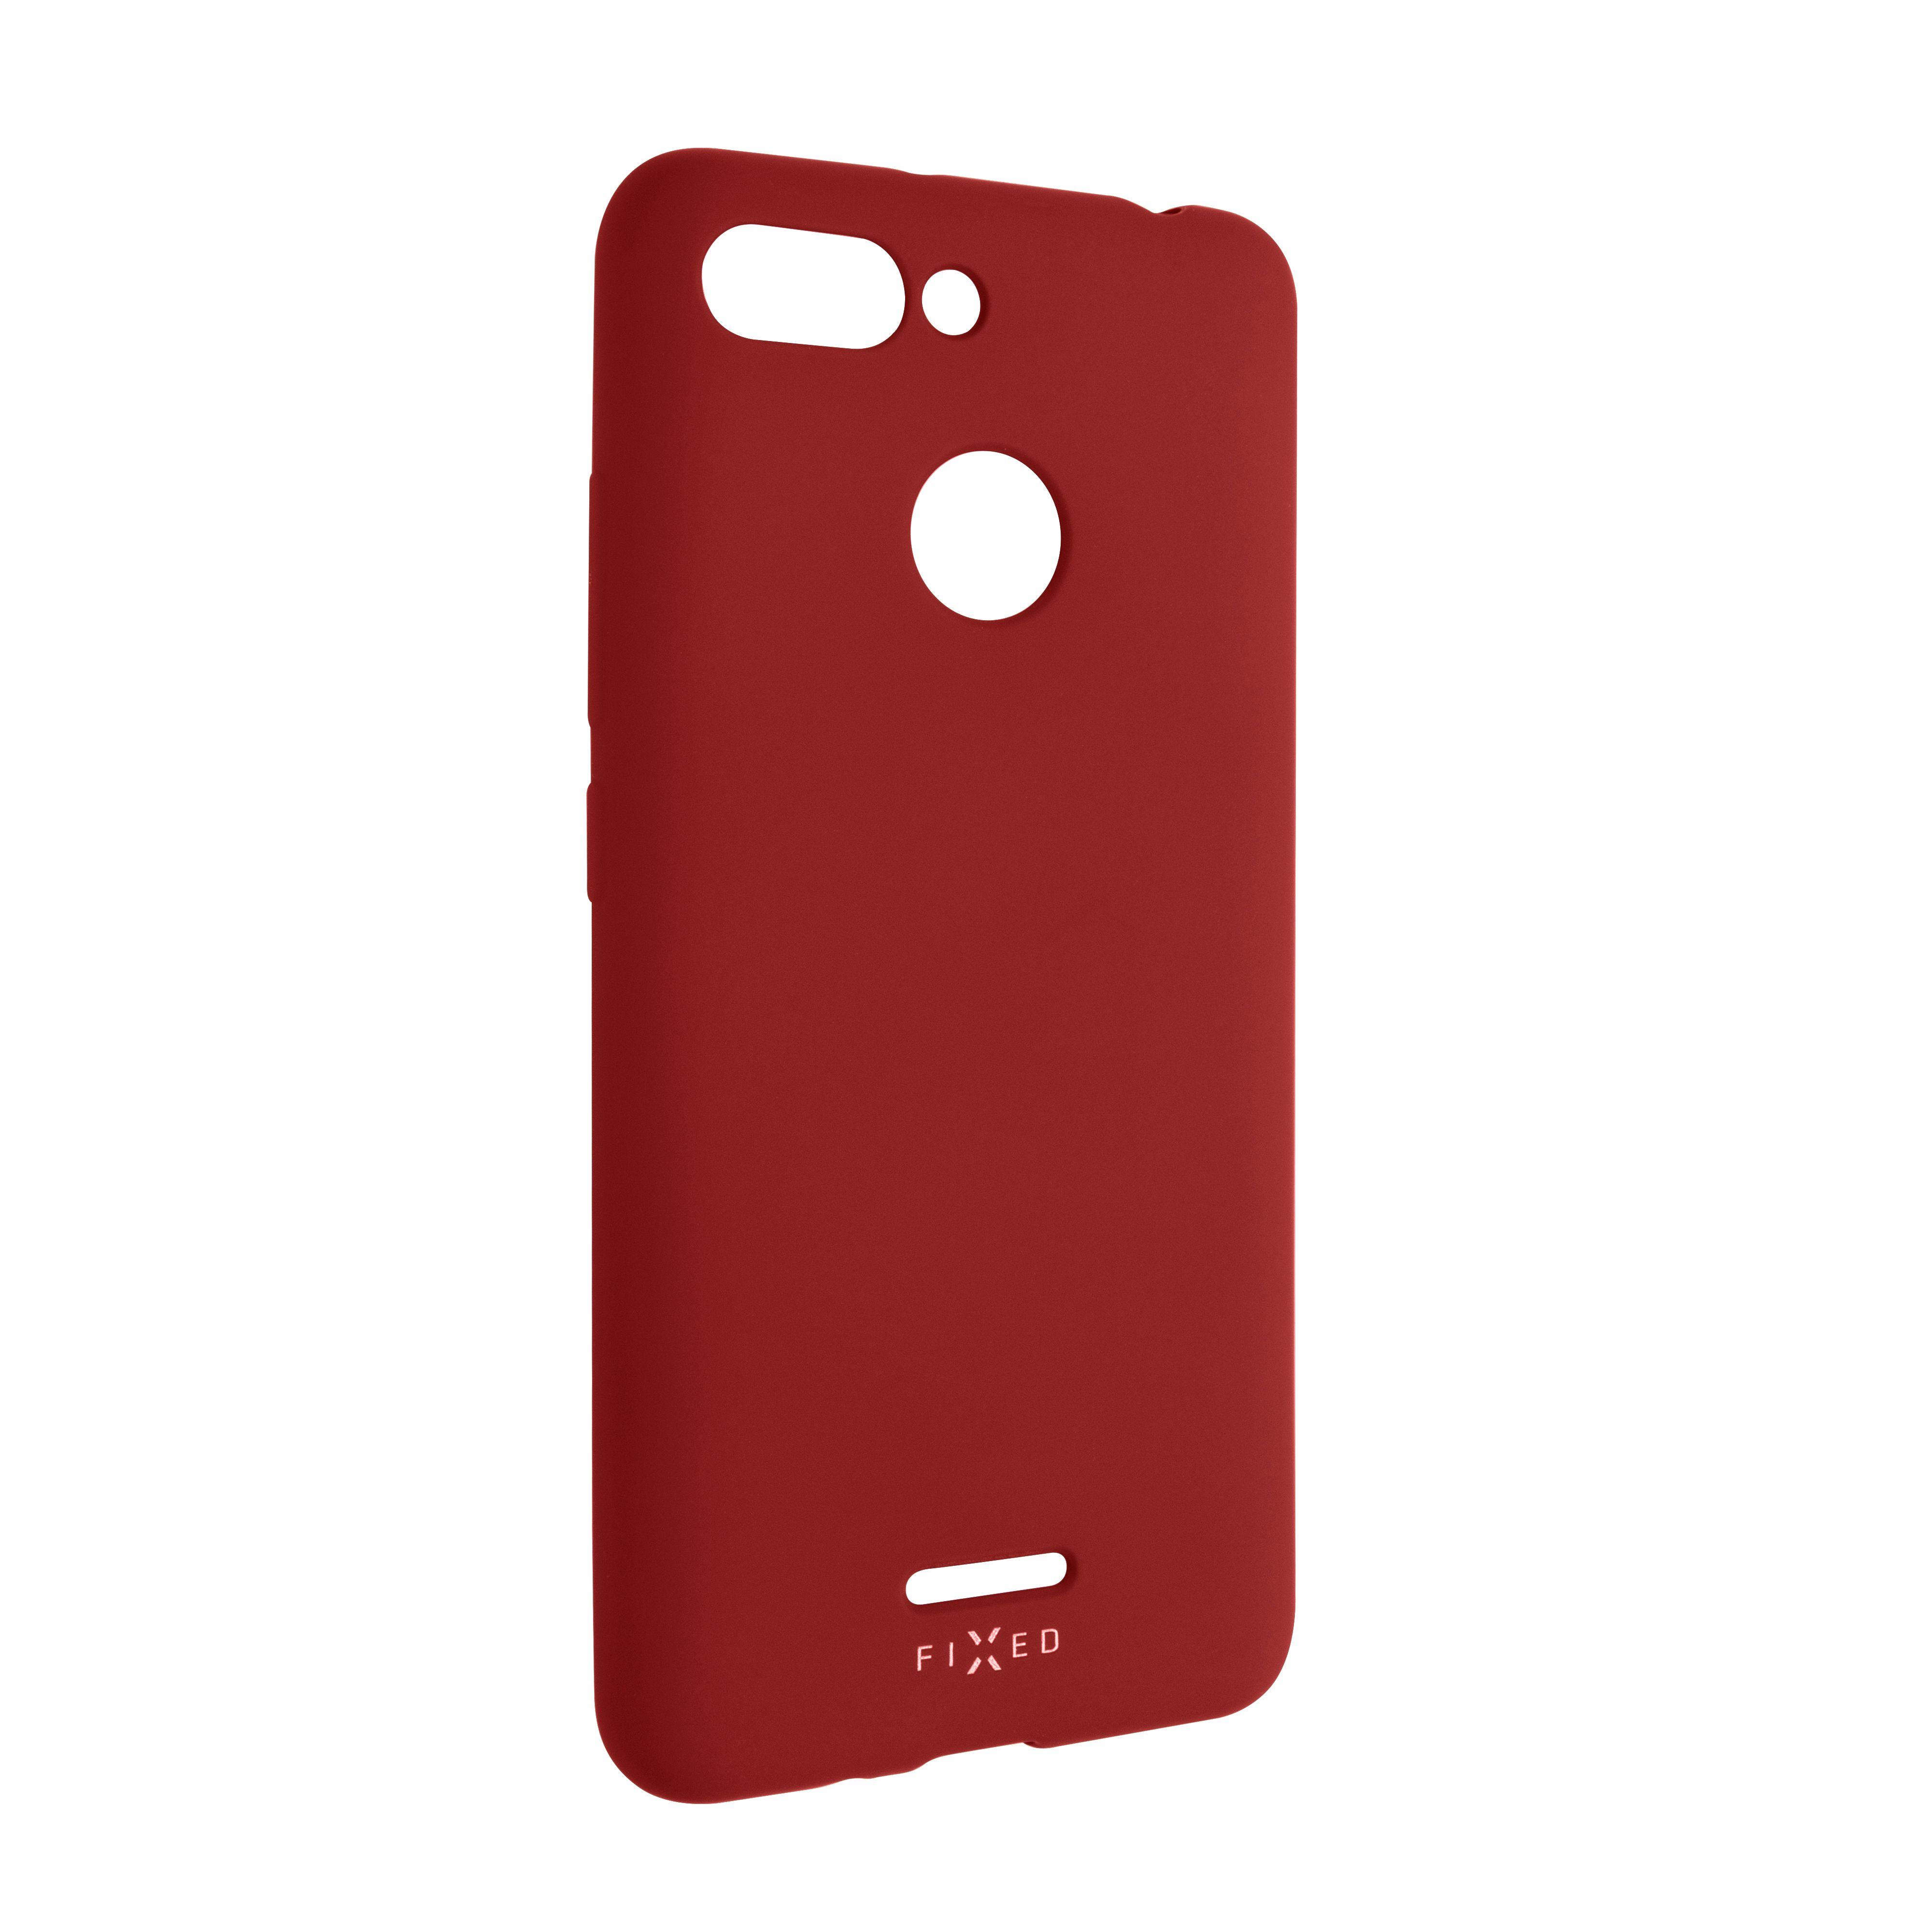 Zadní pogumovaný kryt FIXED Story pro Xiaomi Redmi 6, červený